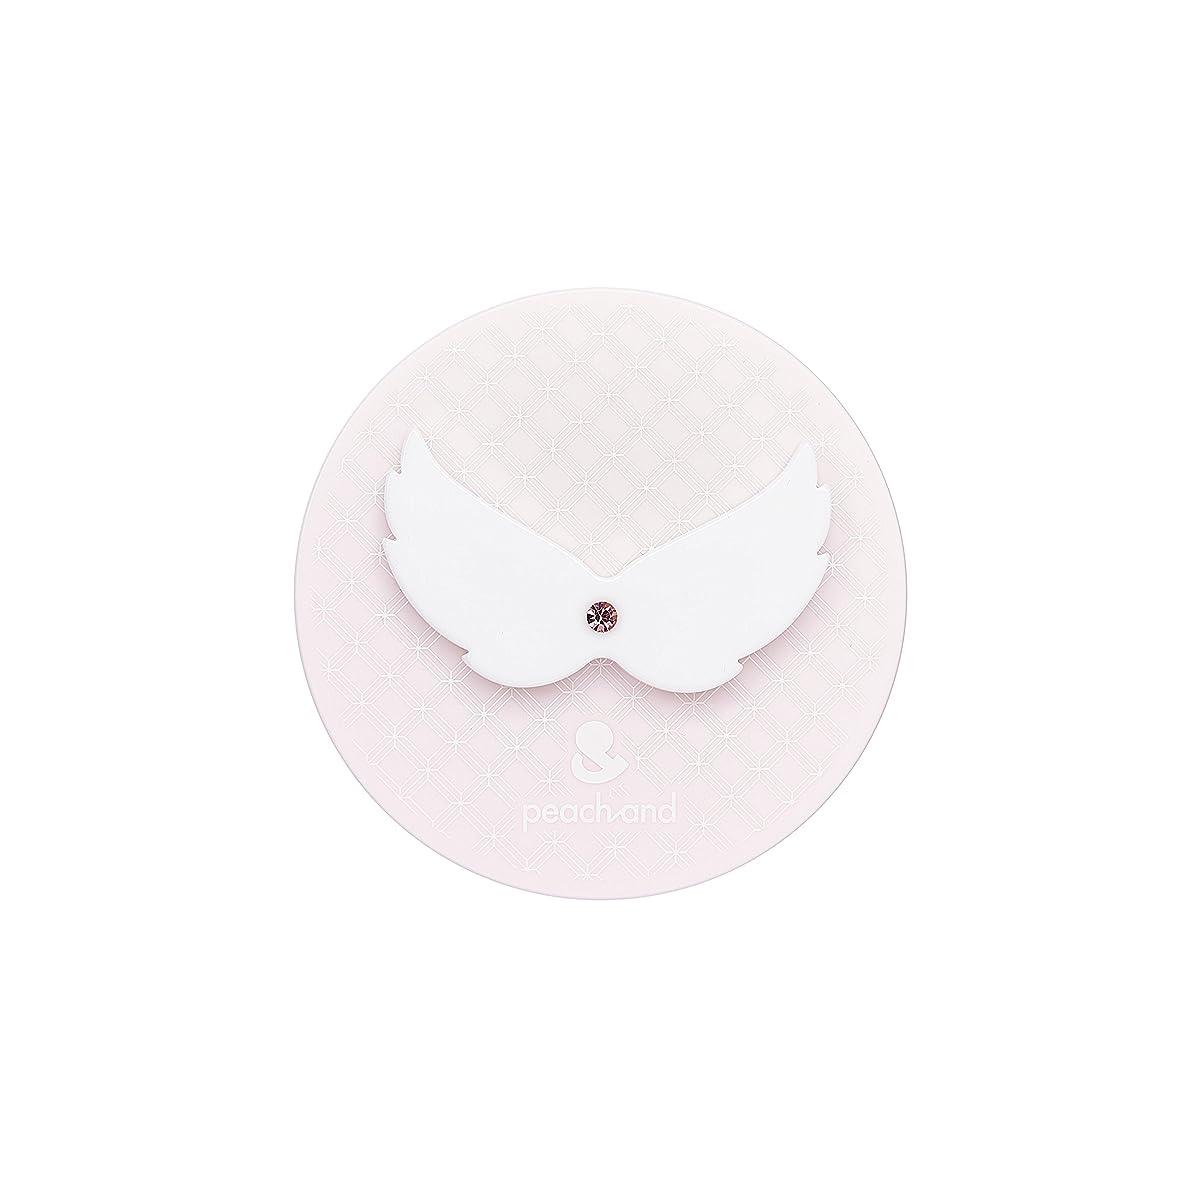 アンティークくぼみ言及するピーチアンド 子供用 日やけ止め UVパクト SPF50+ PA+++ (天使の羽)